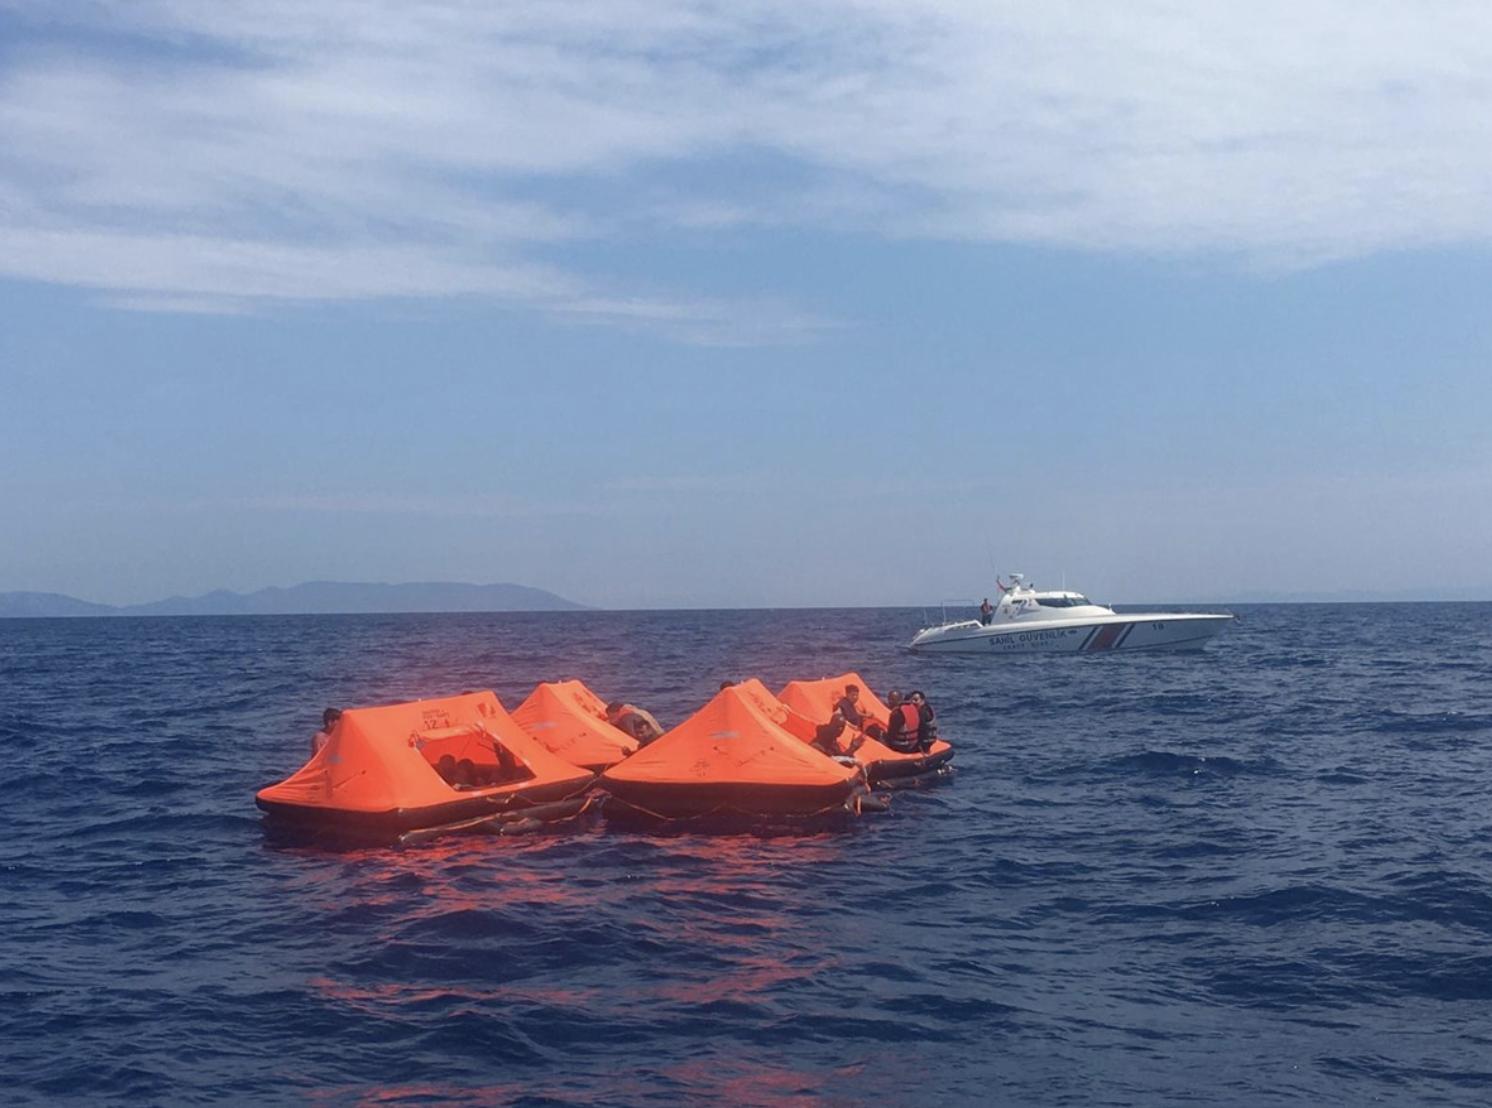 Κατατέθηκε η πρώτη προσφυγή κατά της FRONTEX για επαναπροωθήσεις στο Αιγαίο